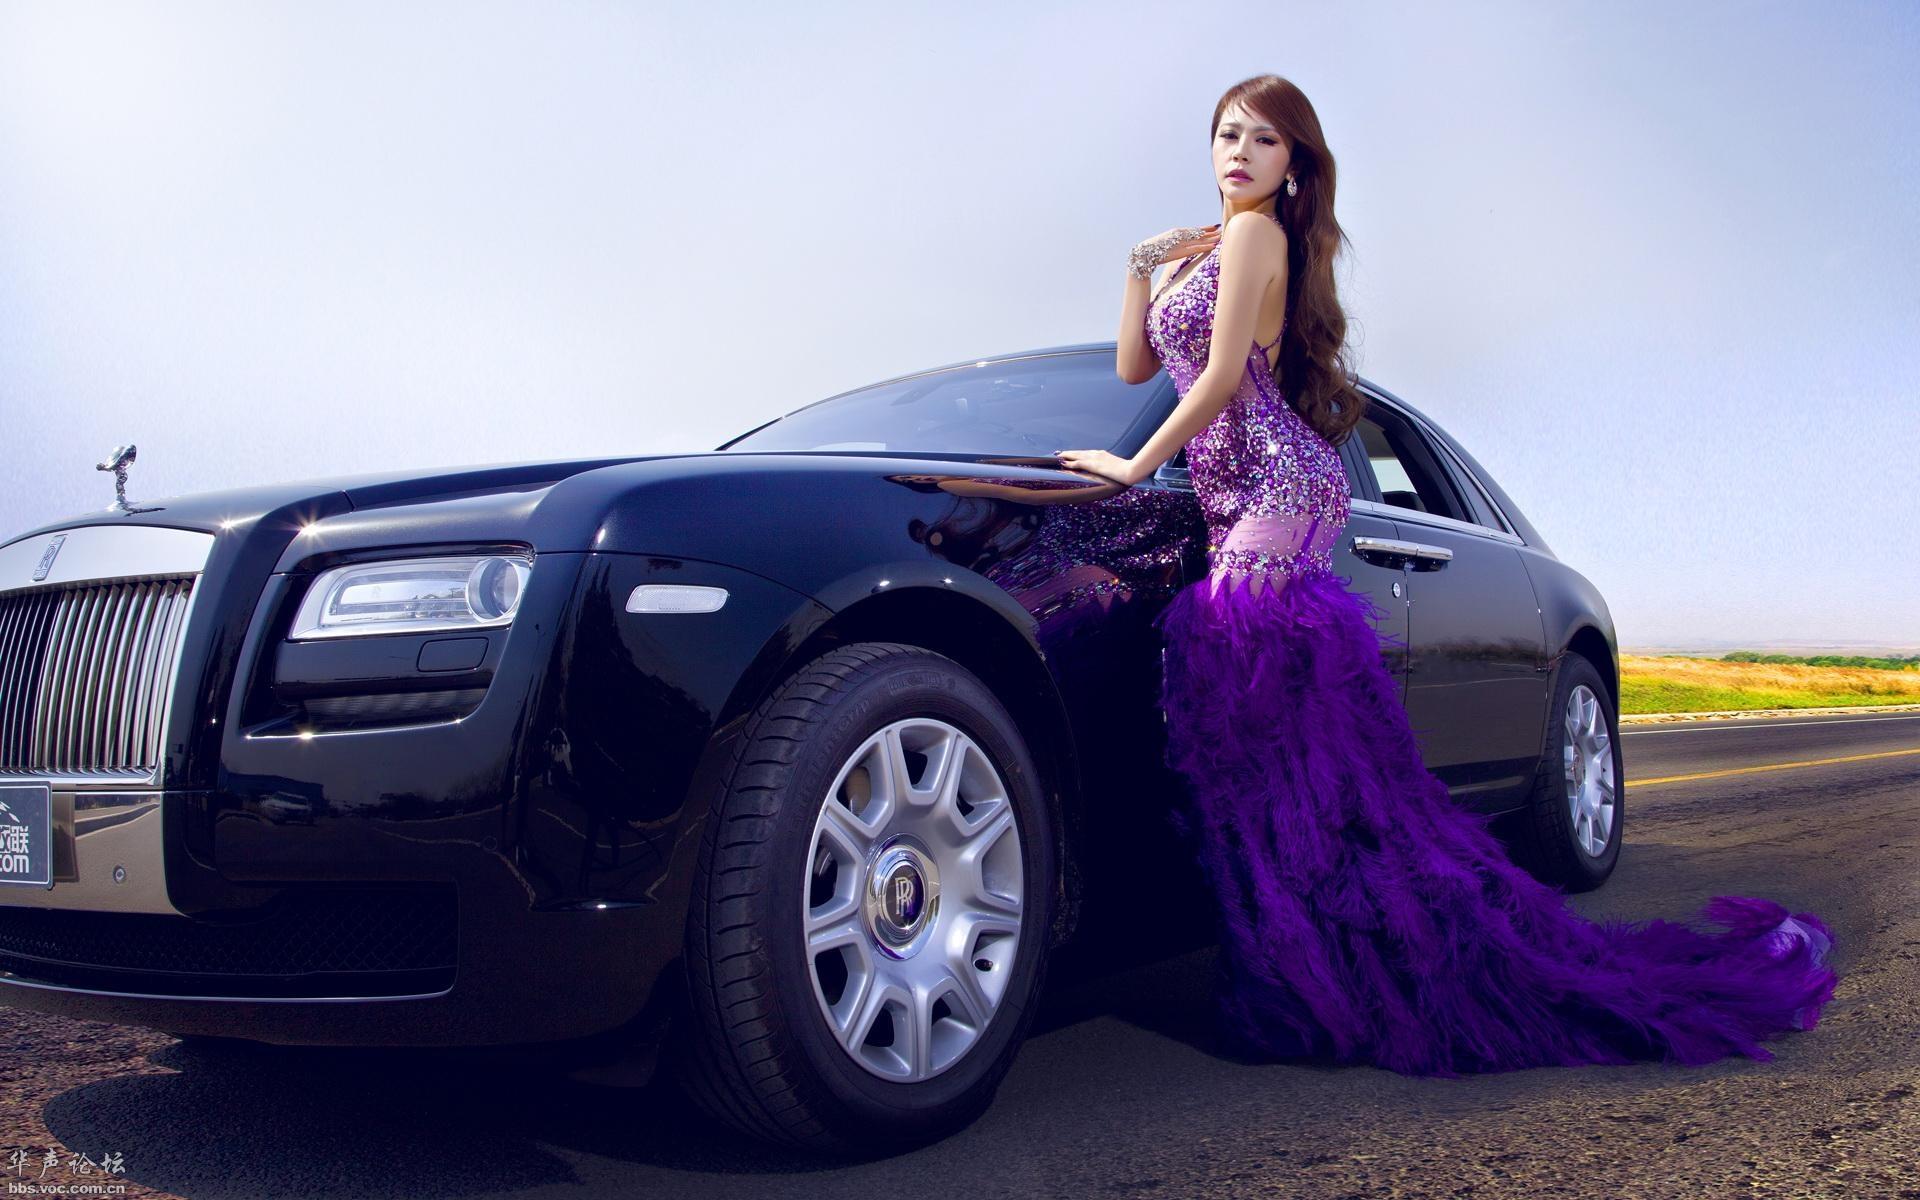 劳斯莱斯改装车美女模特宽屏壁纸高清图片